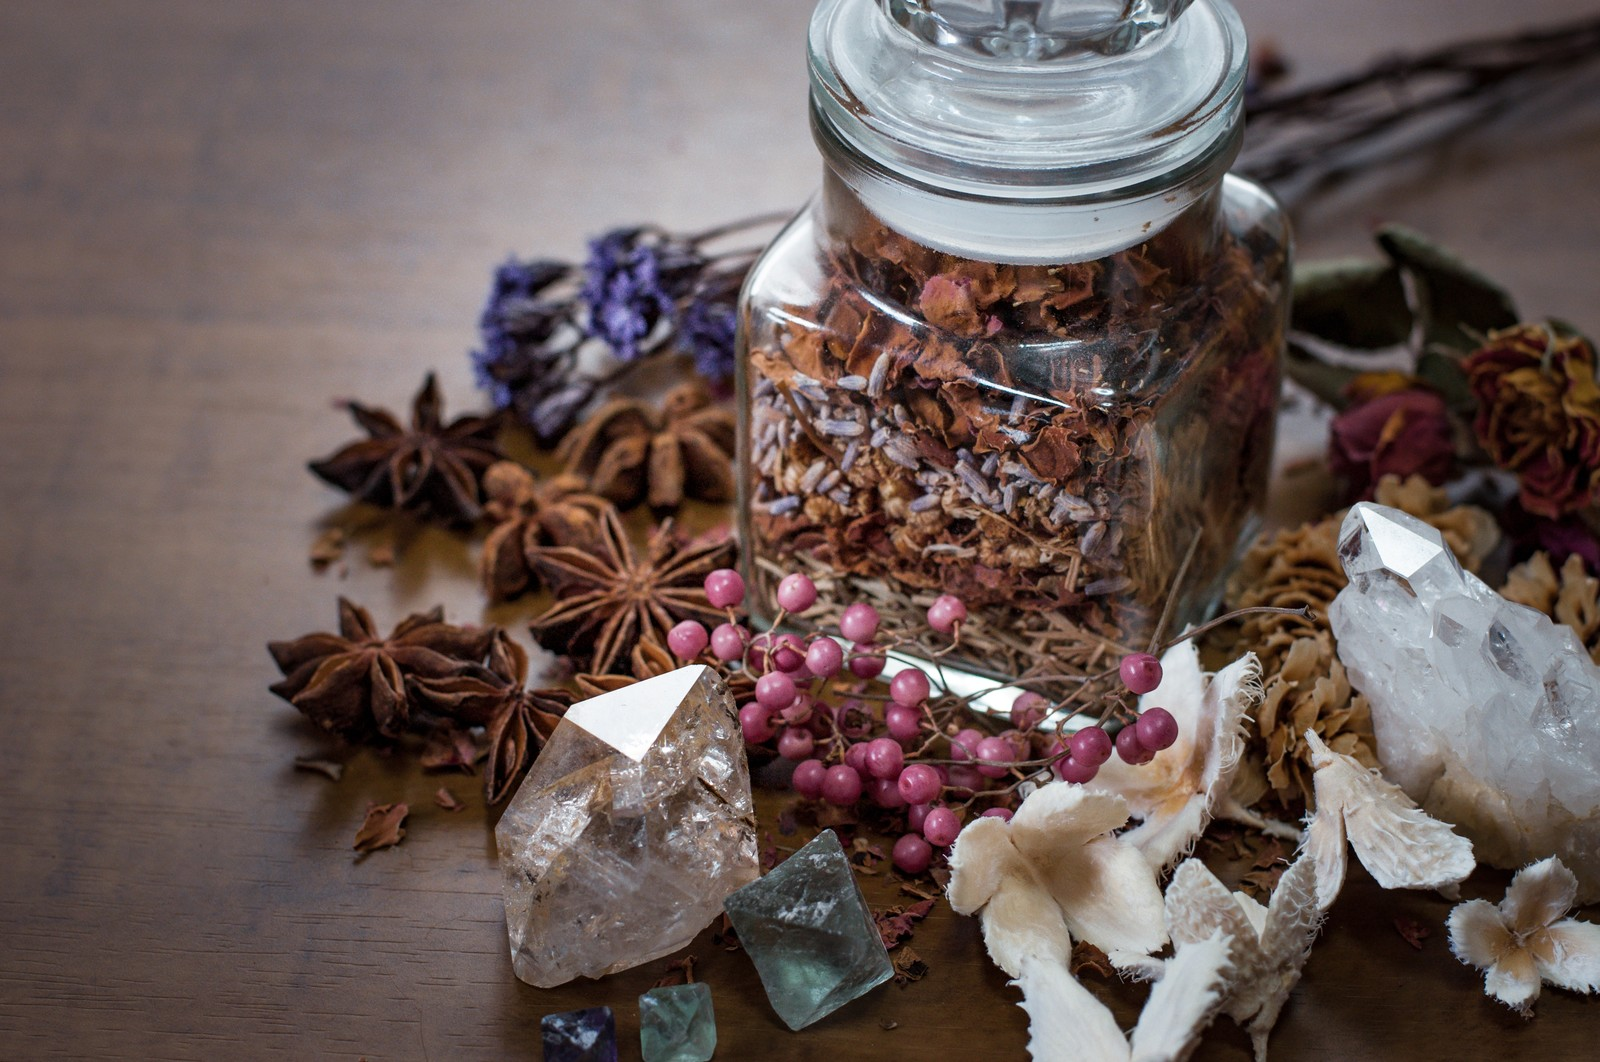 「魔法使いの薬瓶魔法使いの薬瓶」のフリー写真素材を拡大